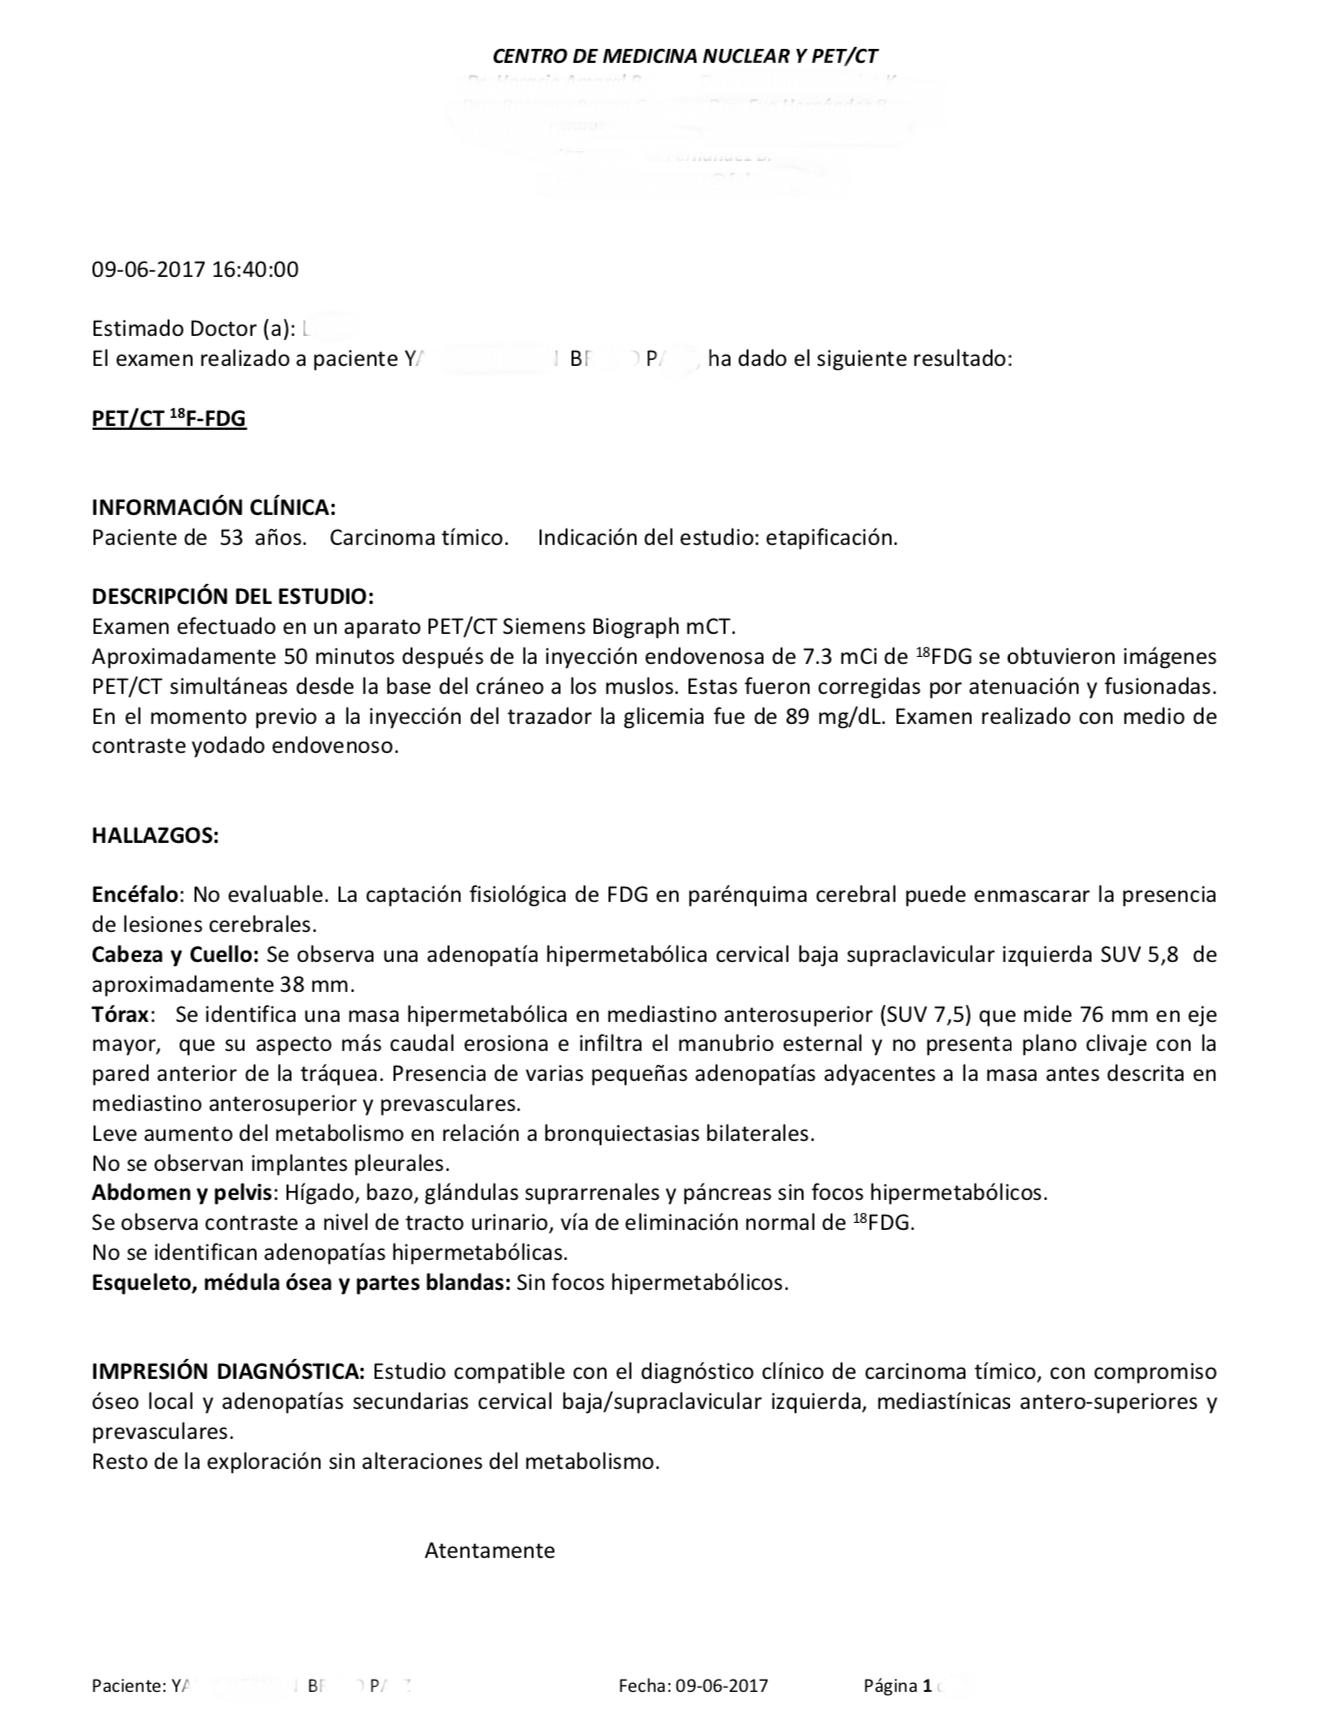 LifEscozul® - Y.B.P. - Cáncer de Timo